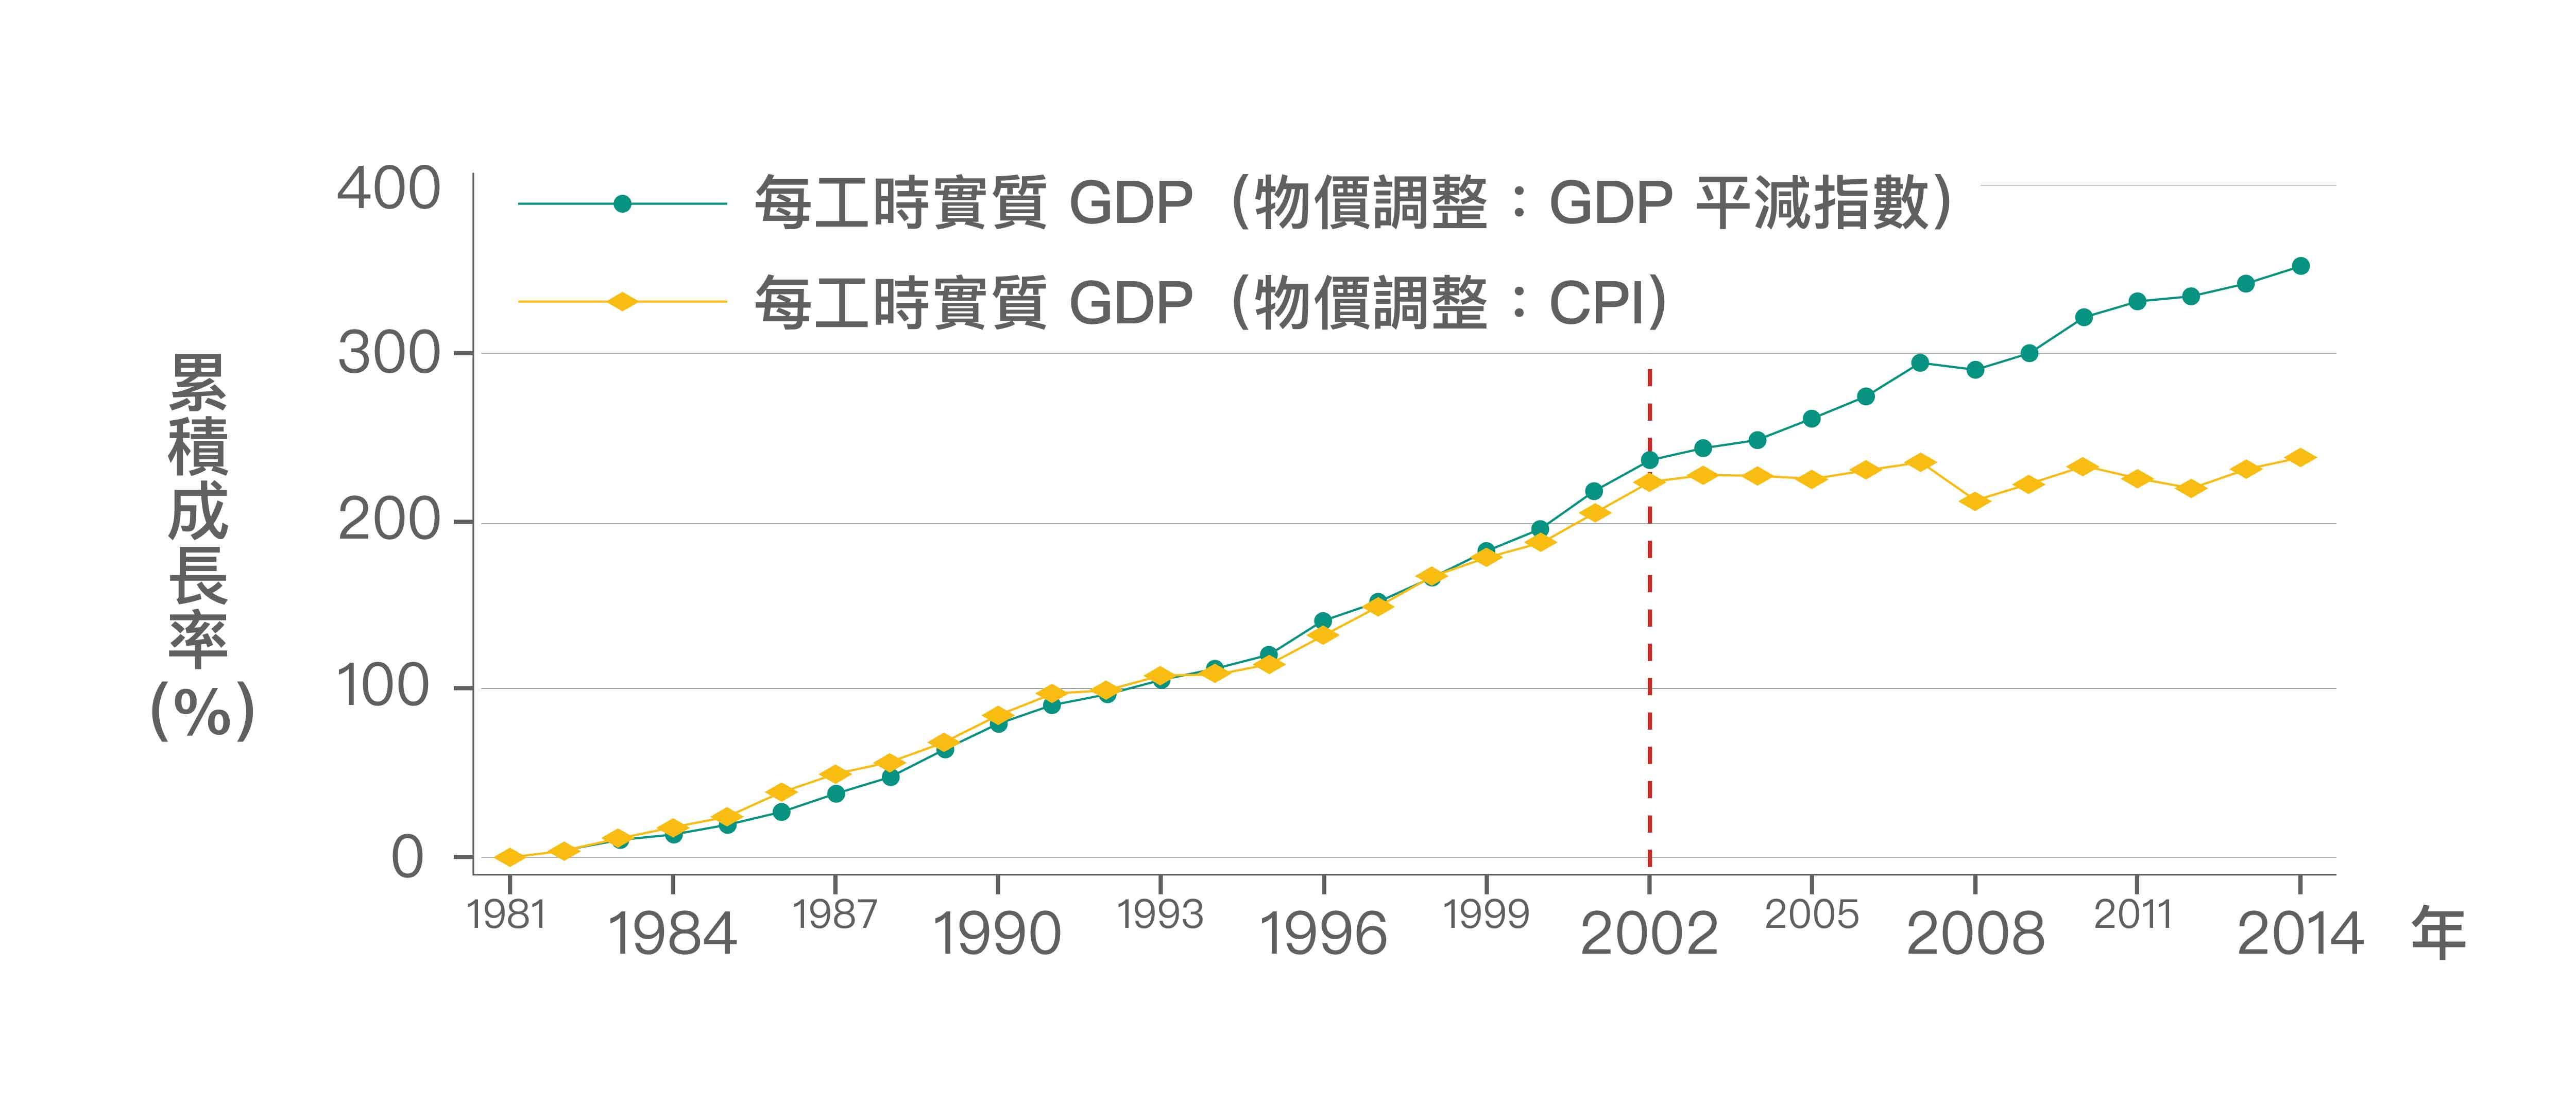 2002年後,實質GDP雖持續成長,但卻是奠基在生產越來越低價的產品上,若GDP改以CPI調整物價,反映GDP的購買力,可以發現如同實質薪資,早已停止成長。 資料來源│《經濟成長、薪資停滯?初探臺灣實質薪資與勞動生產力脫勾的成因》,作者:林依伶、楊子霆